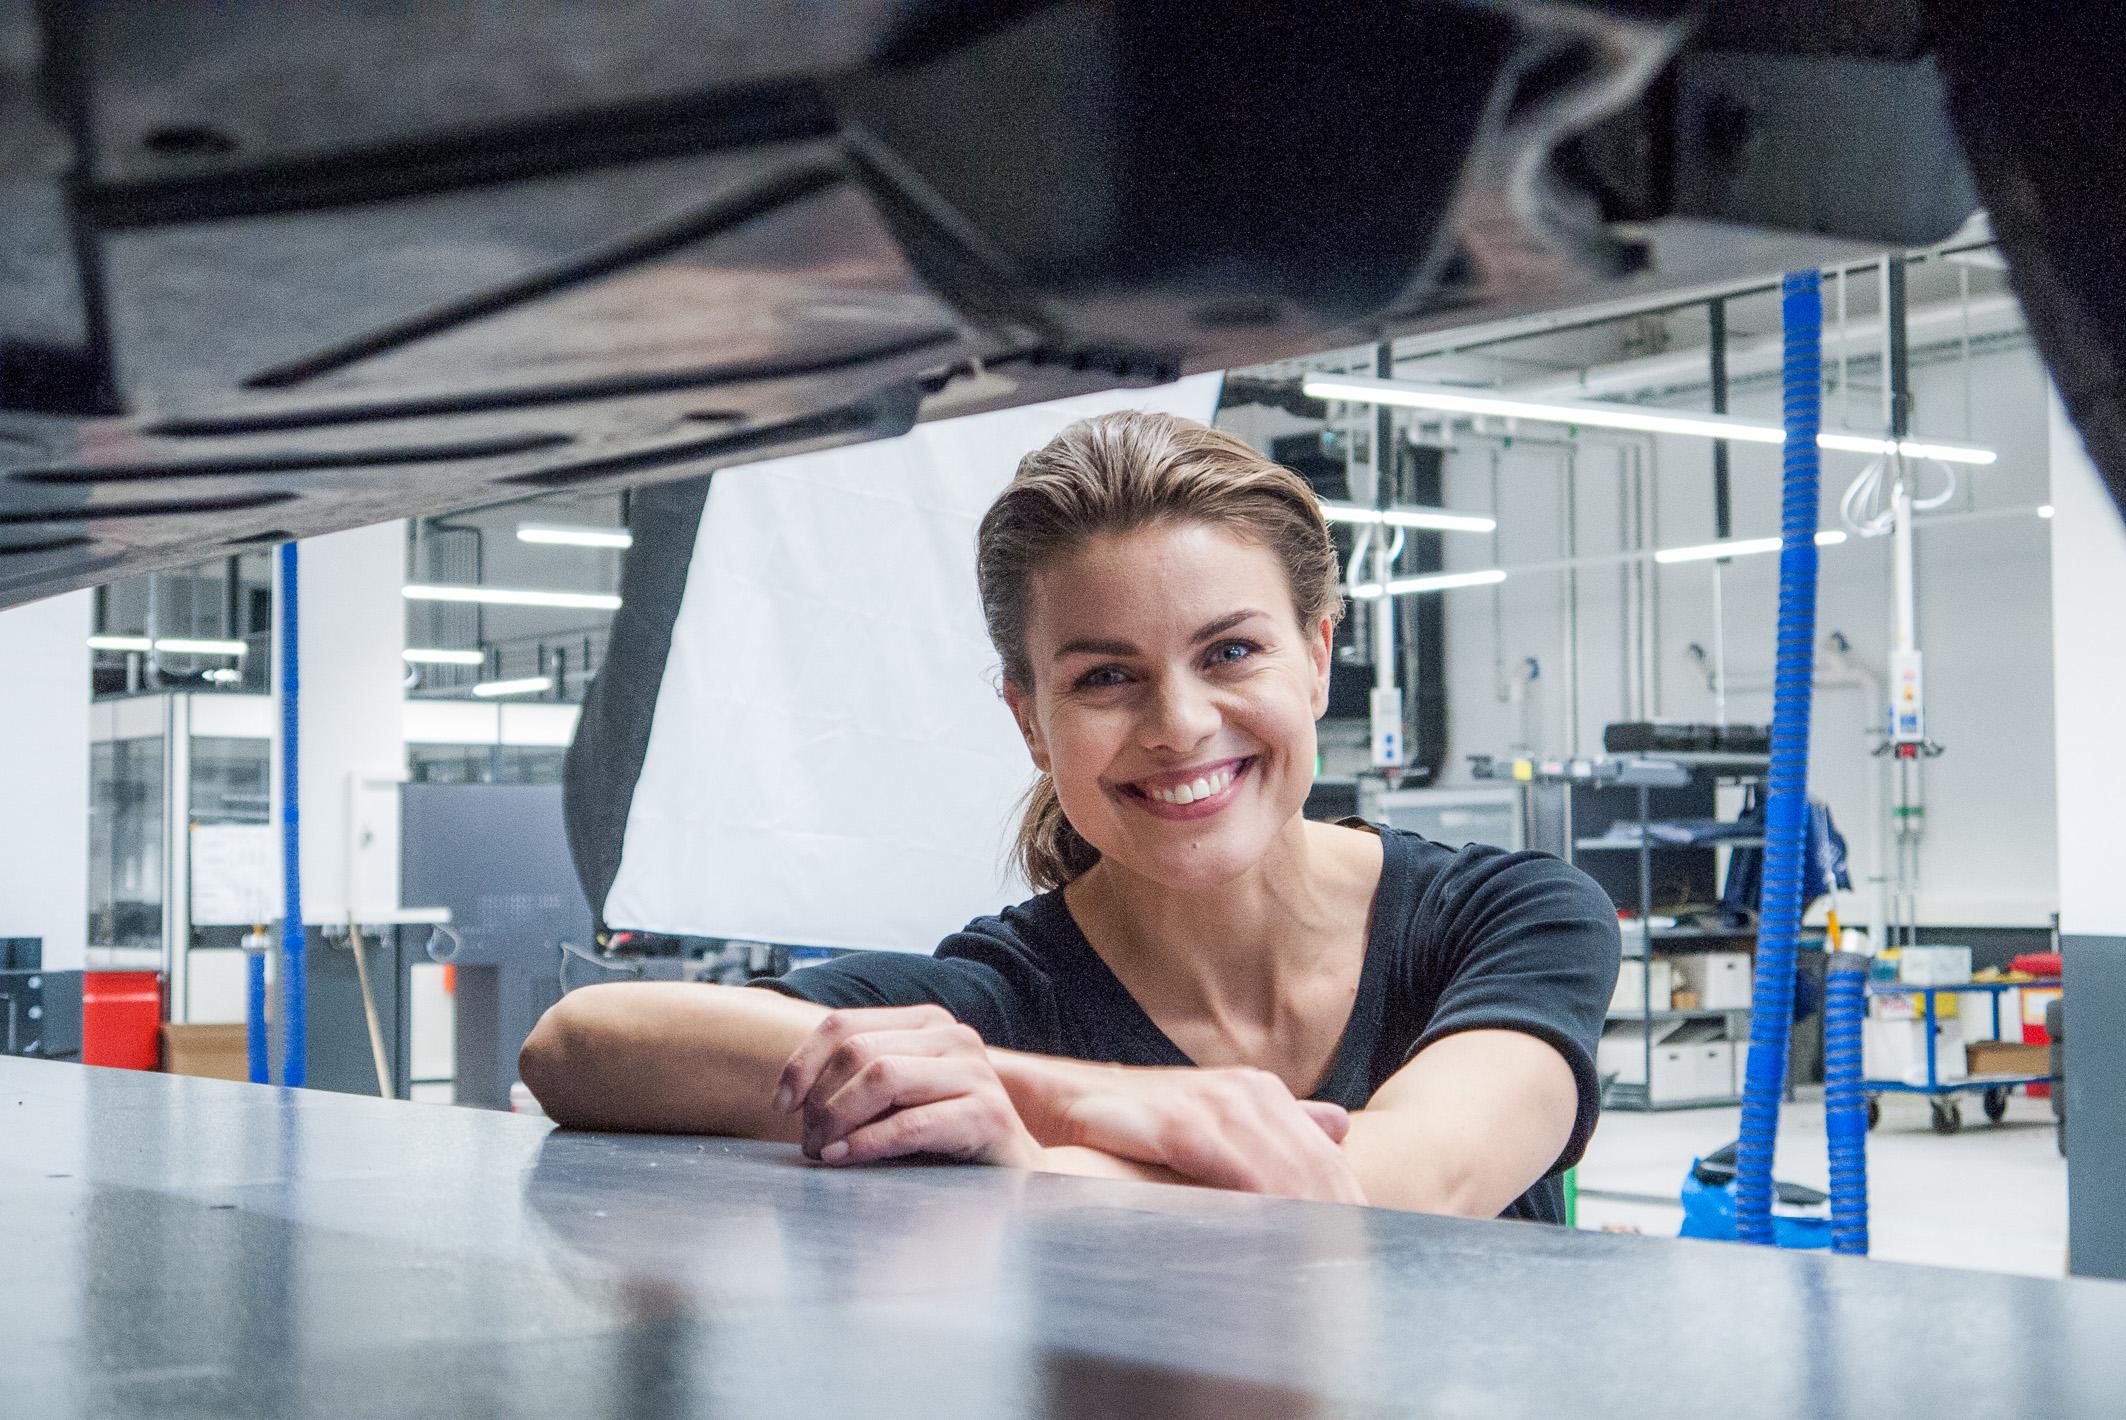 Modekollektion der Daimler AG fotografiert von Jens S. Achtert